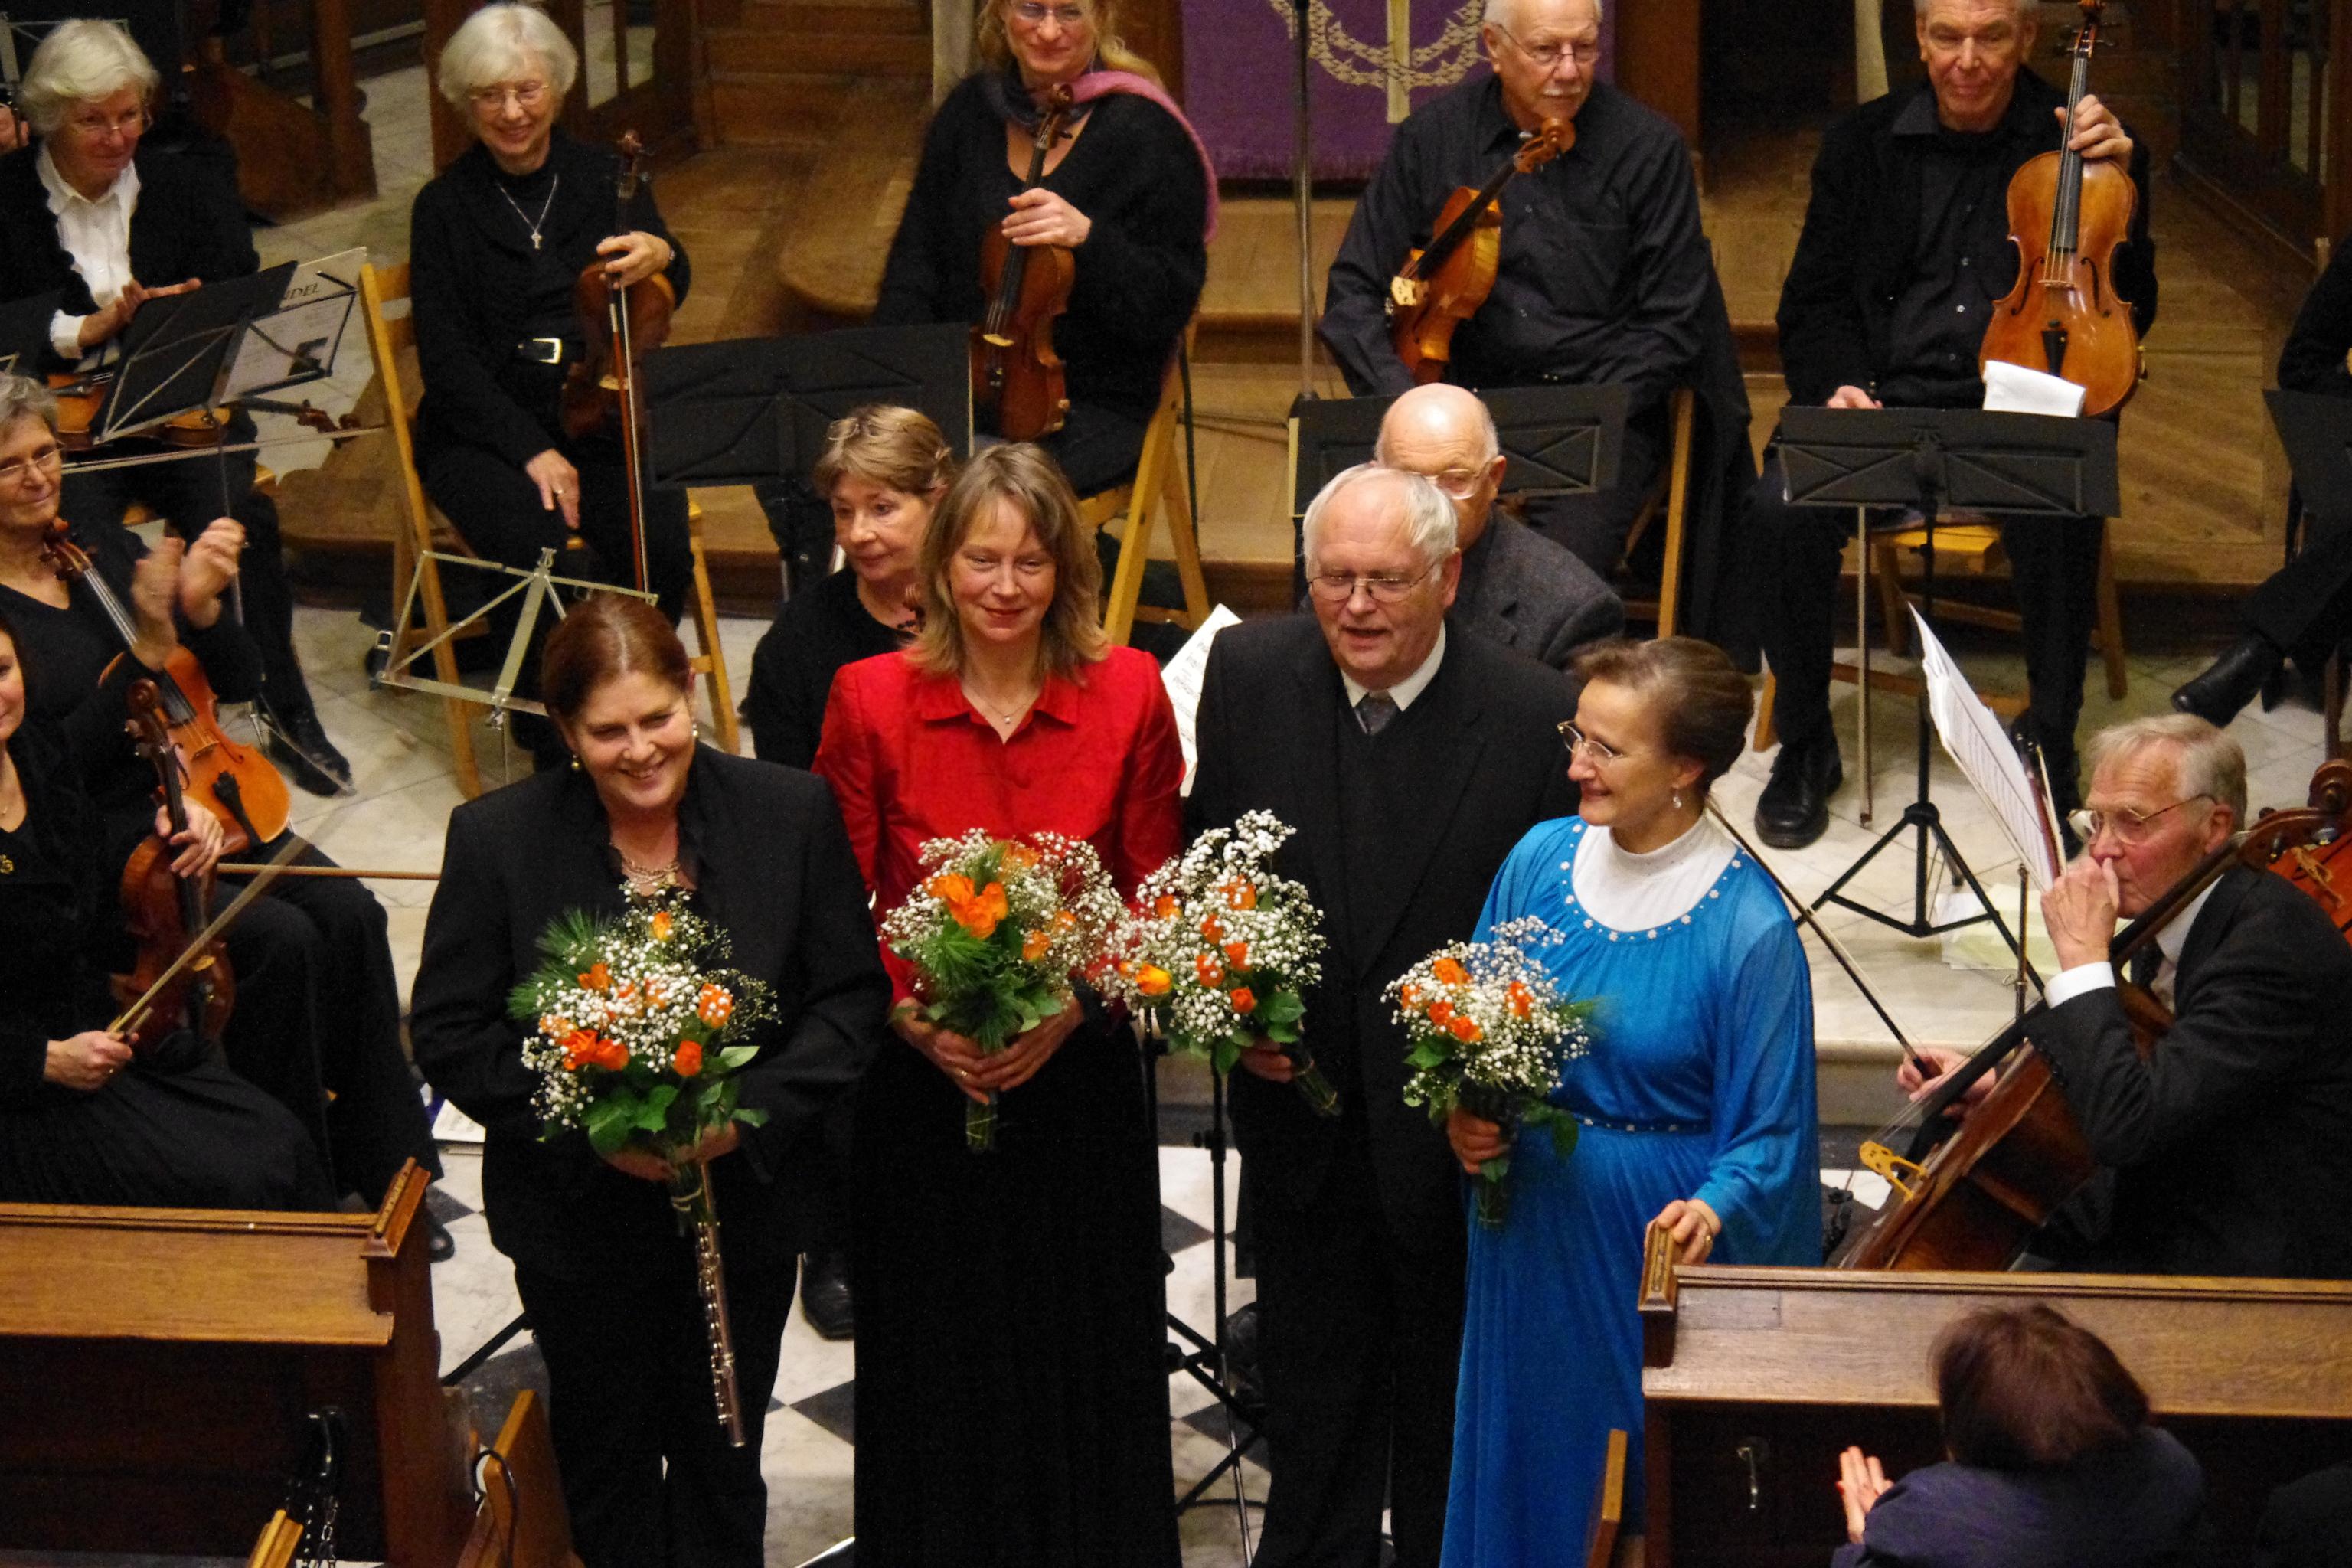 Der Dirigent und die Solistinnen: Antonia Schwager, Katrin Simon, Rolf Beitzel, Reinhild Steinschulte